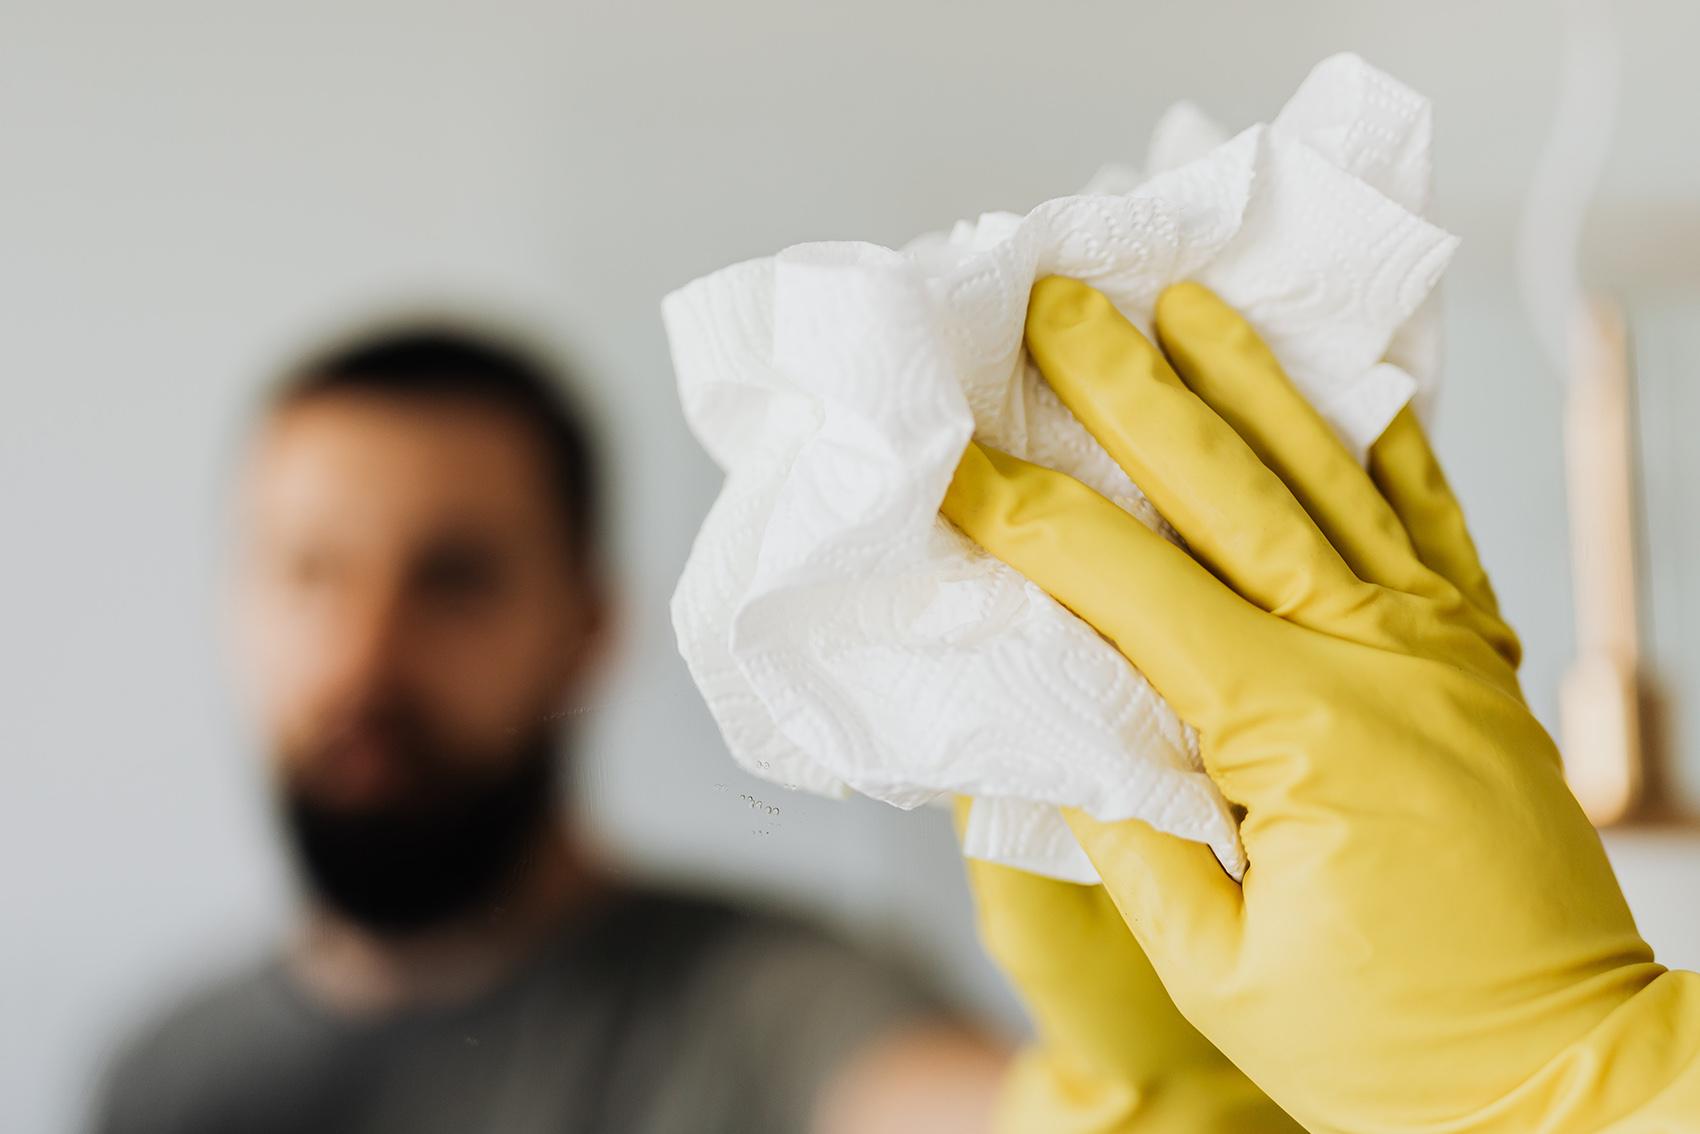 Hygiene im Haushalt – was ist nötig und was ist übertrieben?